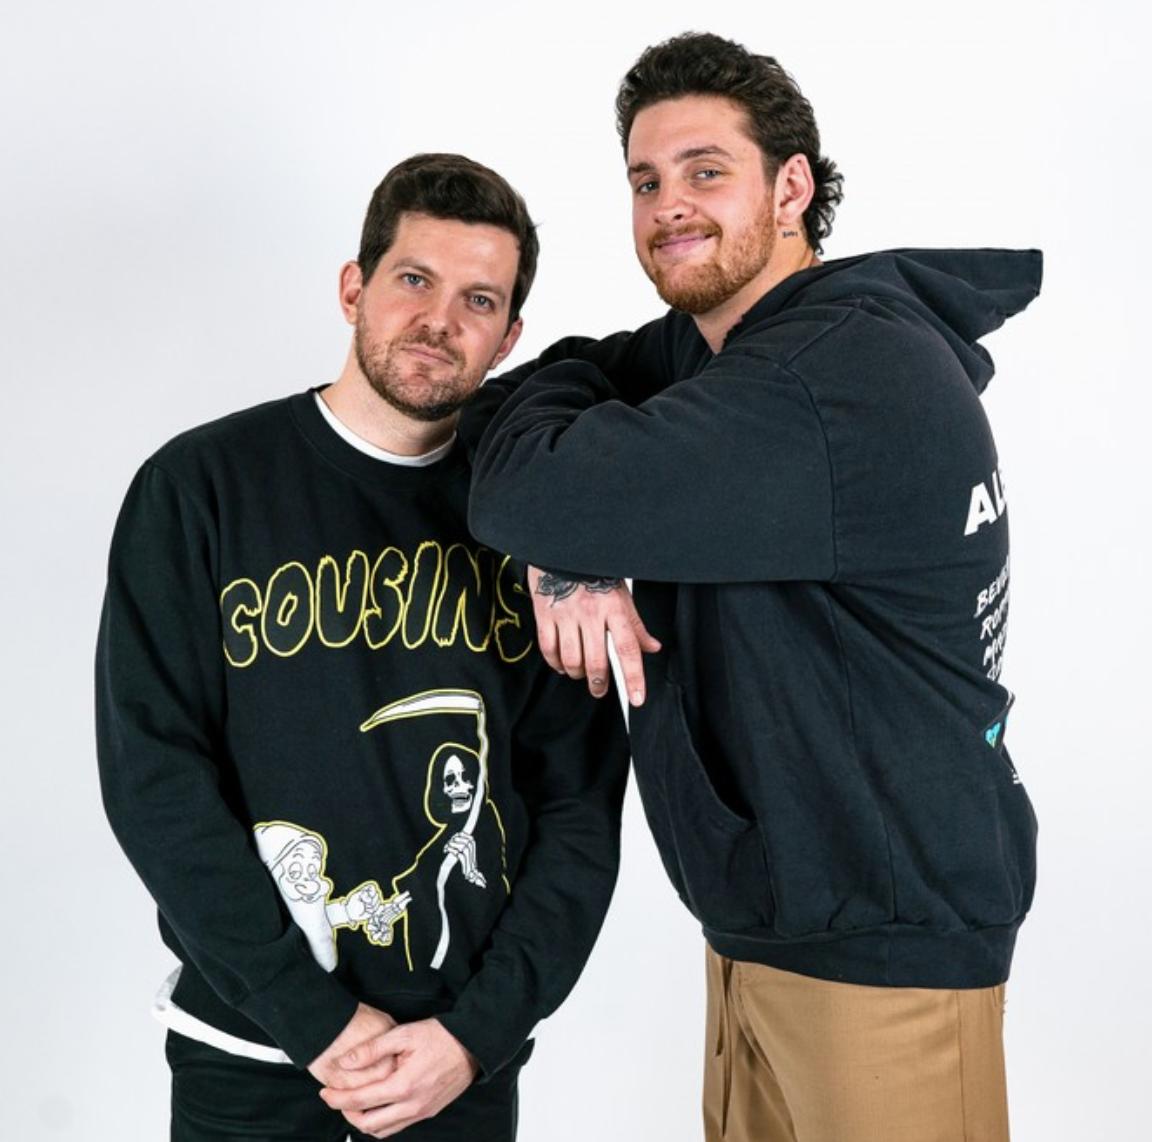 Dillon Francis y BabyJake new collabs